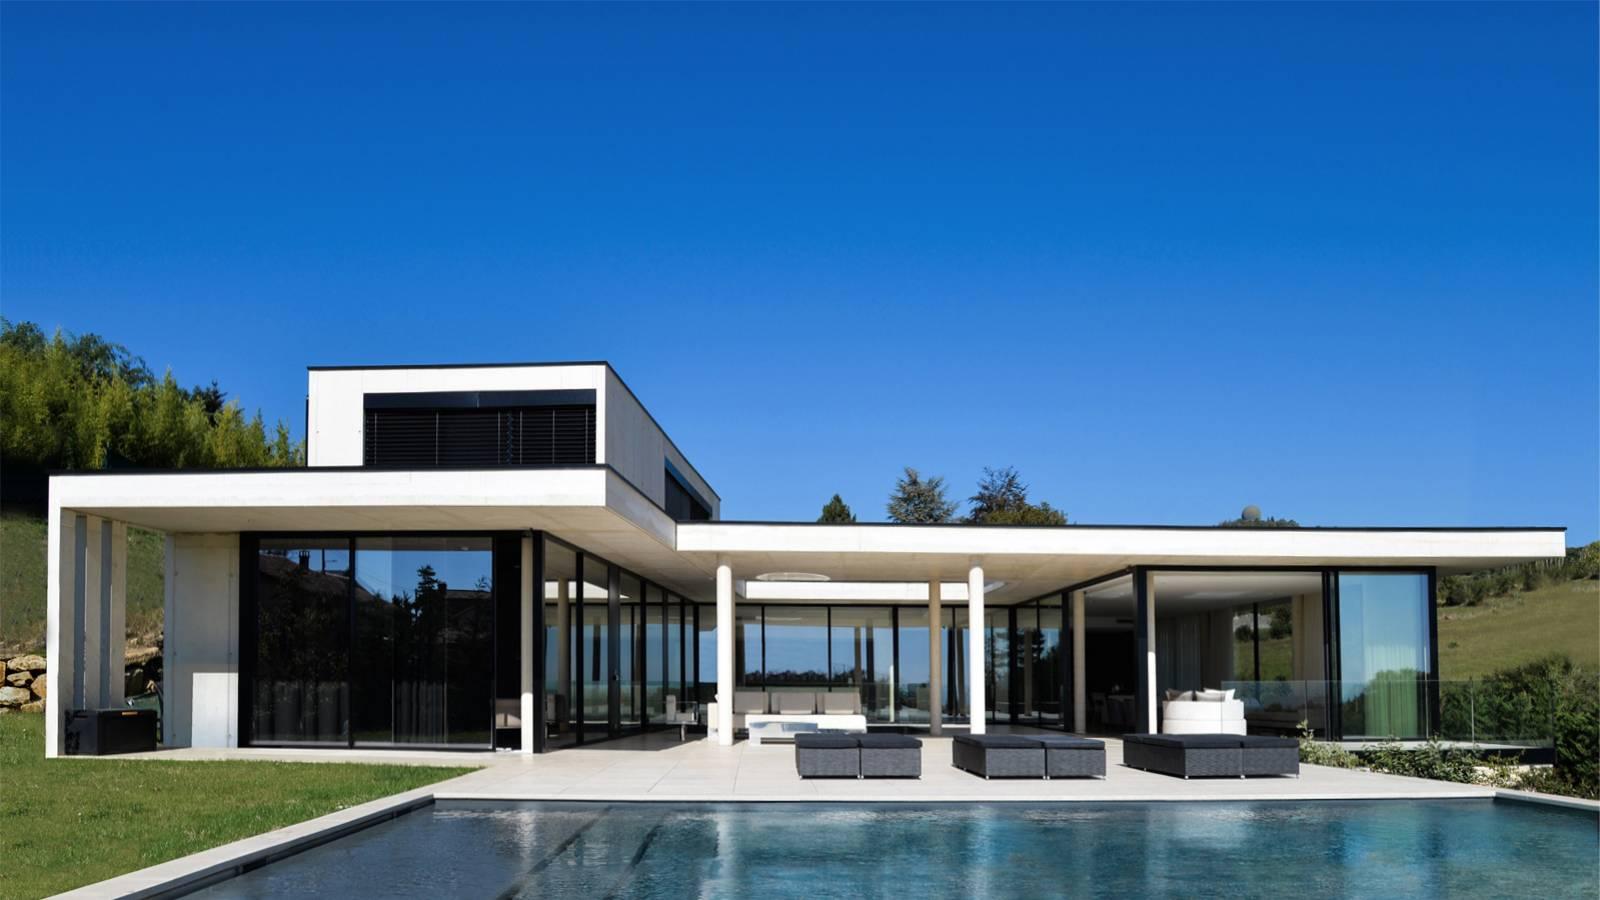 Maison Moderne D Architecte Et Villa Contemporaine De Luxe A Ramatuelle Dans Le Var Cabinet D Architecture D Interieur En Auvergne Rhone Alpes Cabinet Vielliard Francheteau Architectures